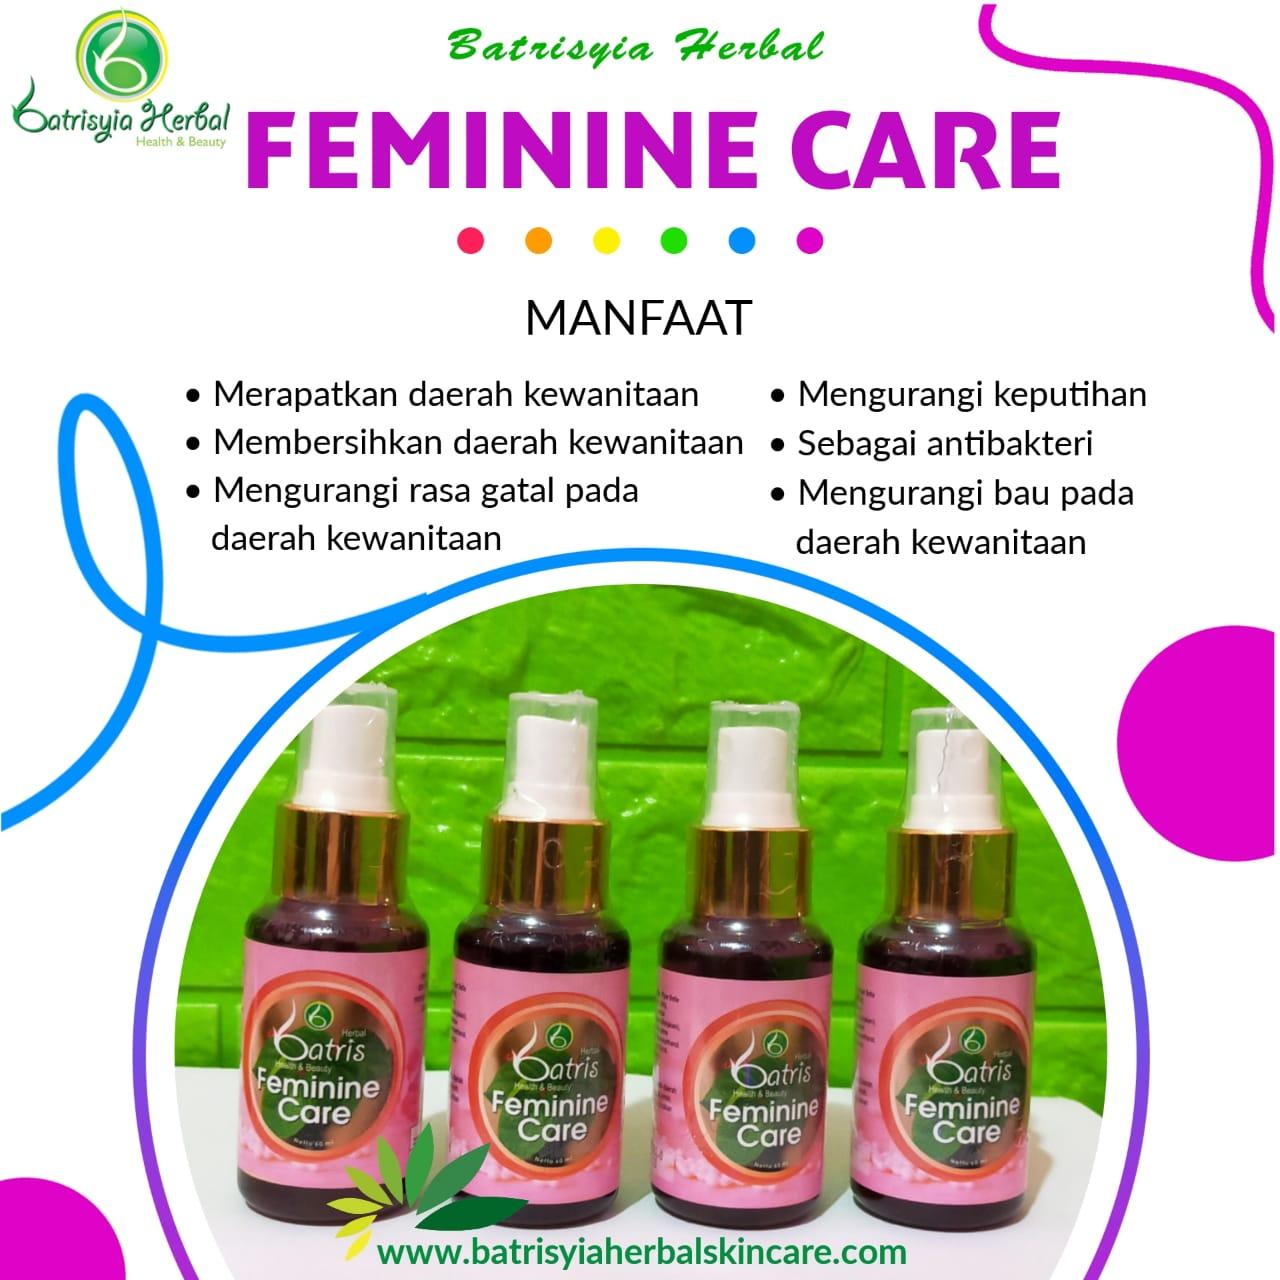 Feminine Care Batrisyia